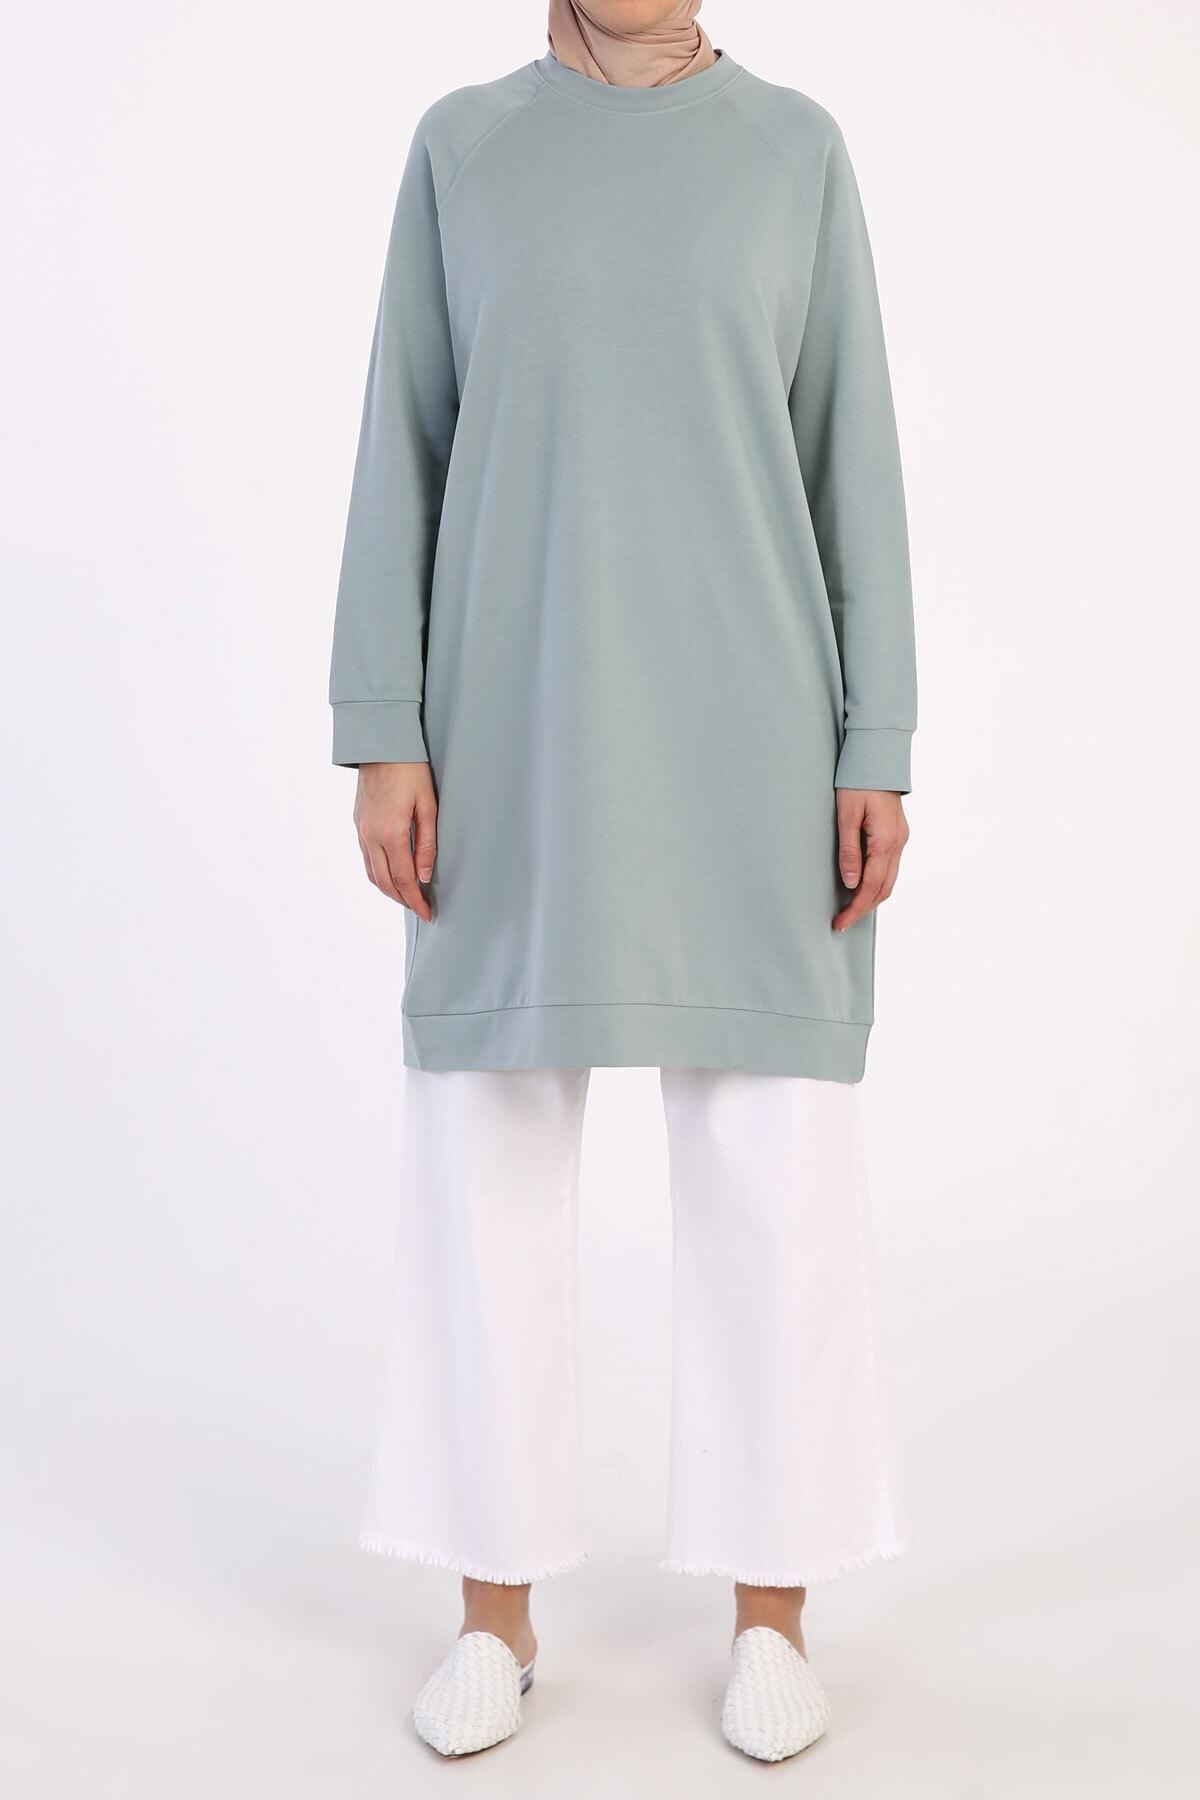 Kadın Mint Reglan Kol Basic Sweat Tunik